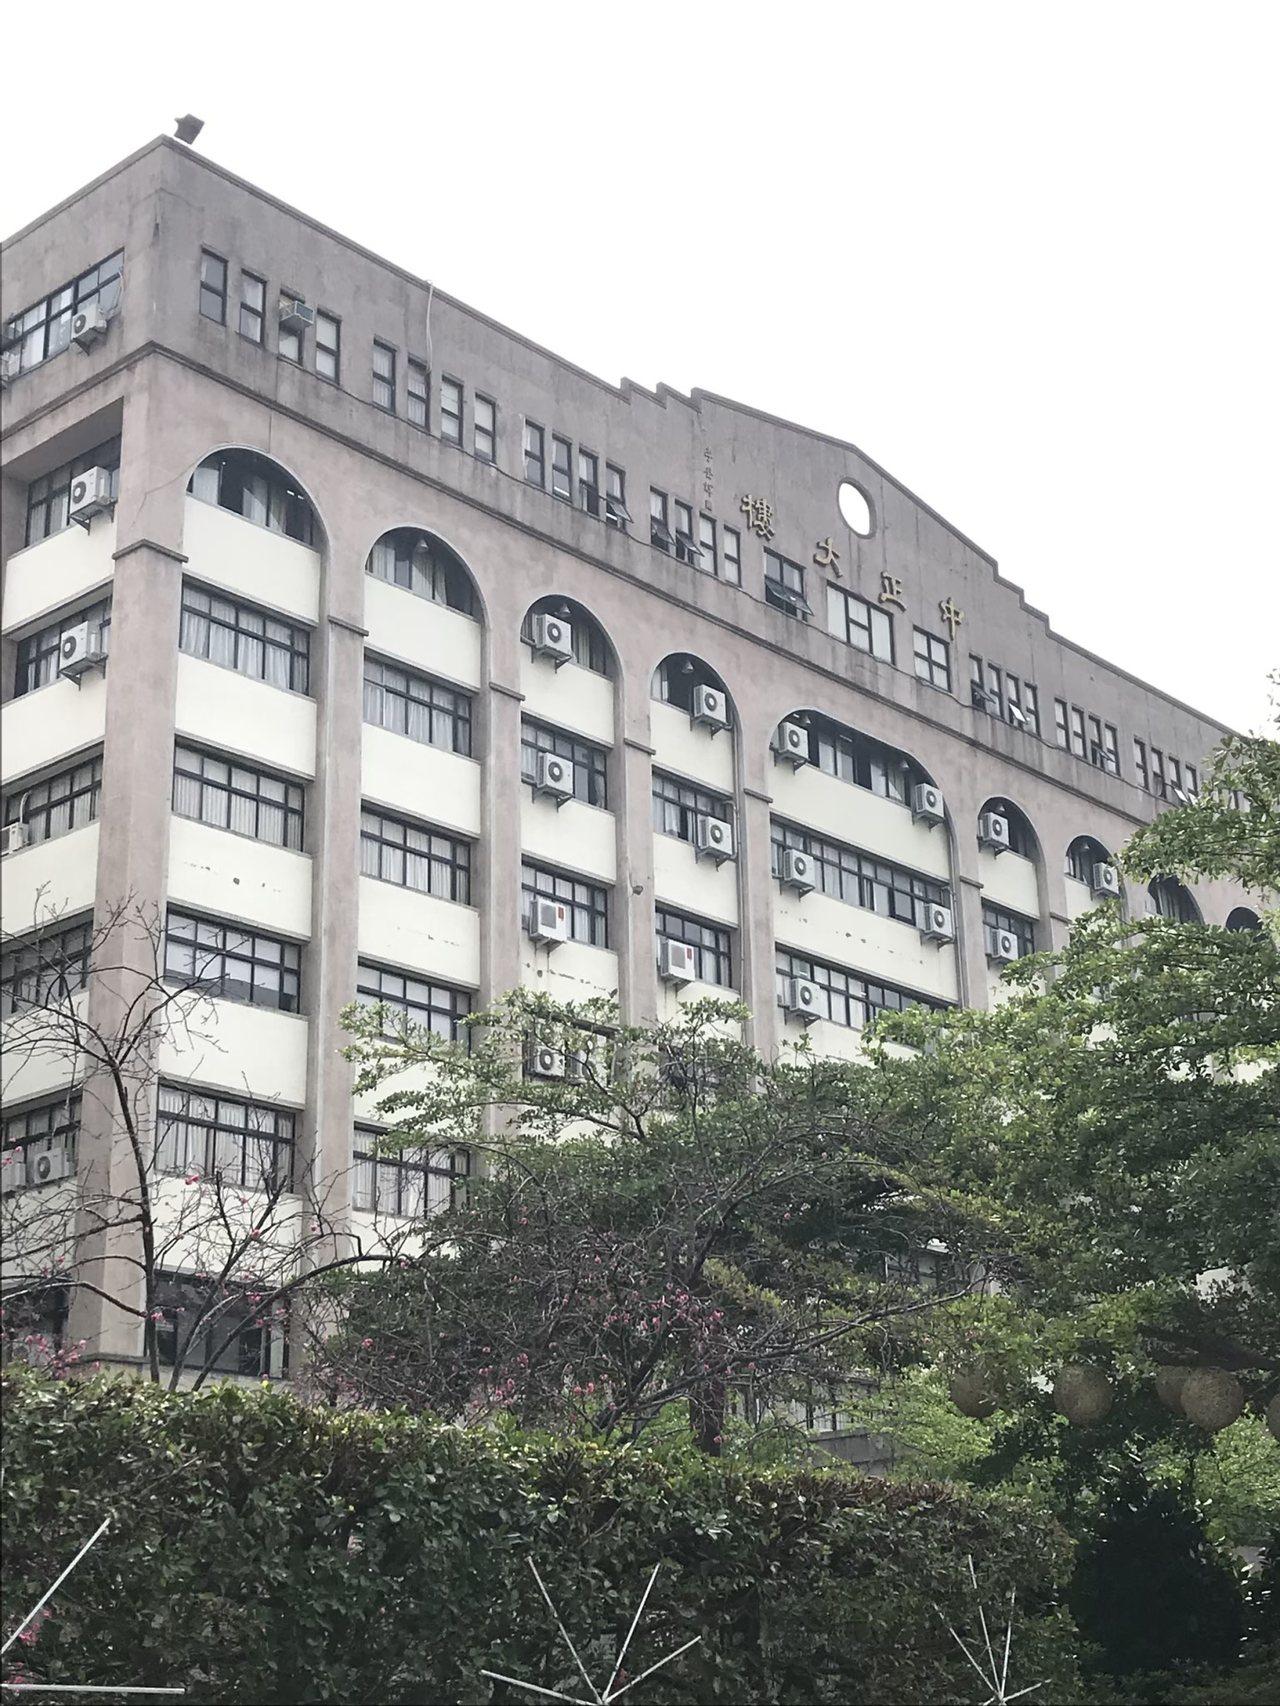 台中科科技大学今傍晚惊传坠楼案,一男子从中正大楼坠下,经送医急救仍伤重不治。记者...